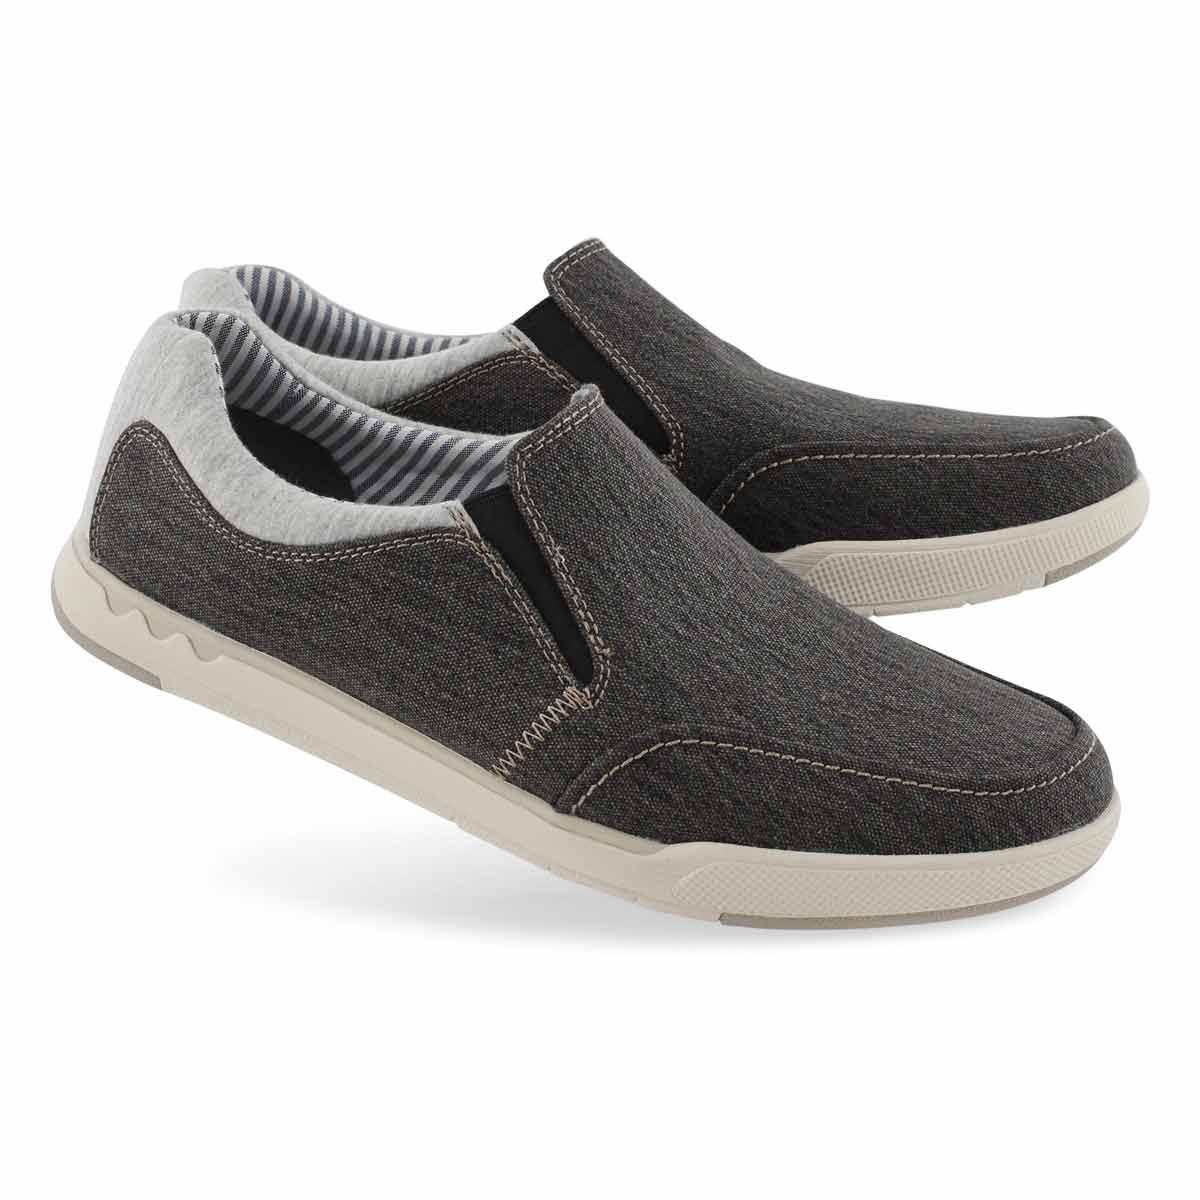 Clarks-Men-039-s-Step-Isle-Slip-Casual-Shoe thumbnail 12